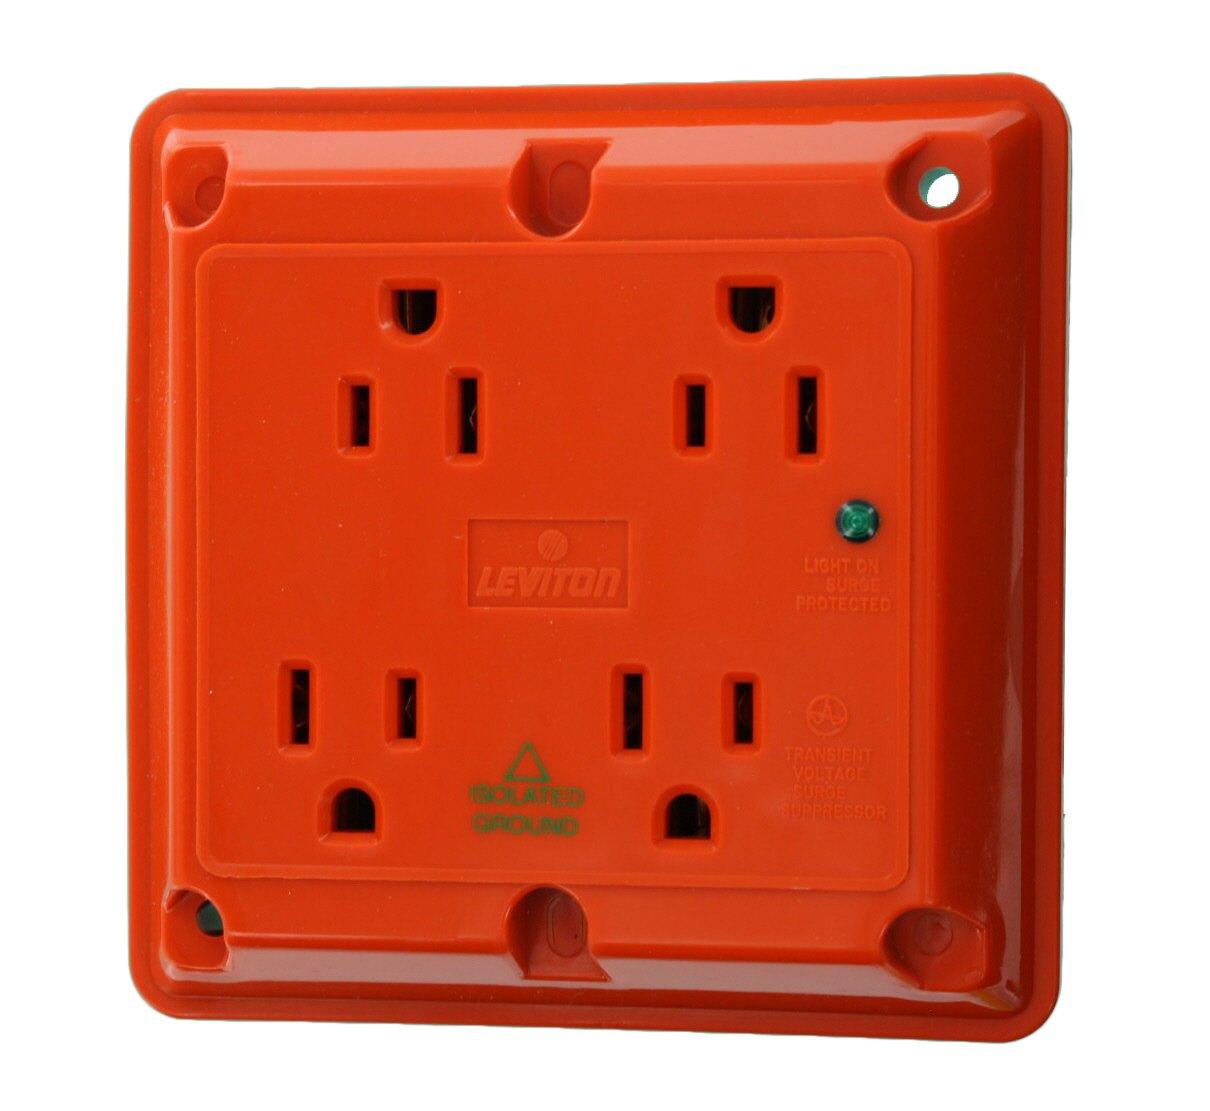 Leviton 5480-IG 15-Amp 125-Volt 4-In-1 Receptacle, Orange